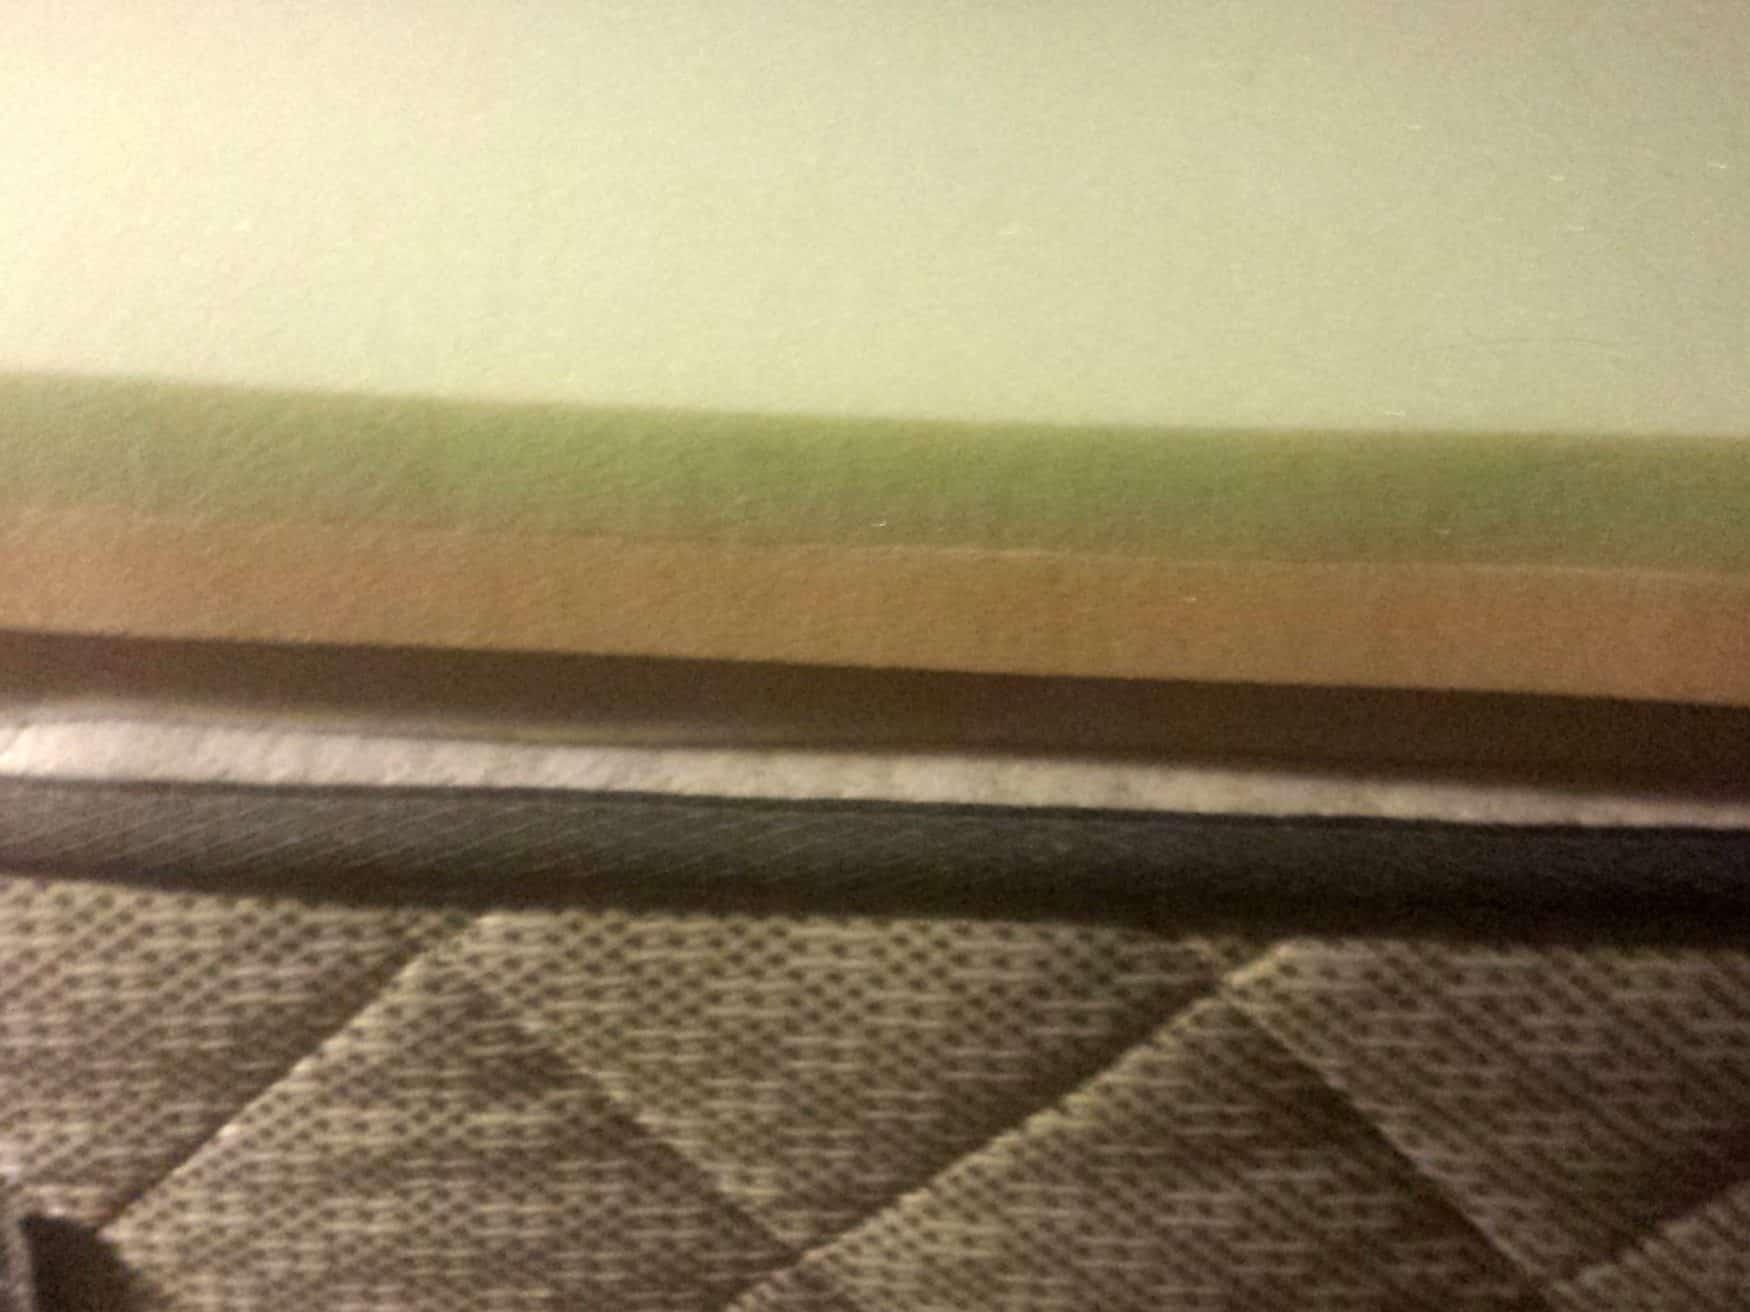 Snuggle-Pedic Memory Foam Mattress Topper